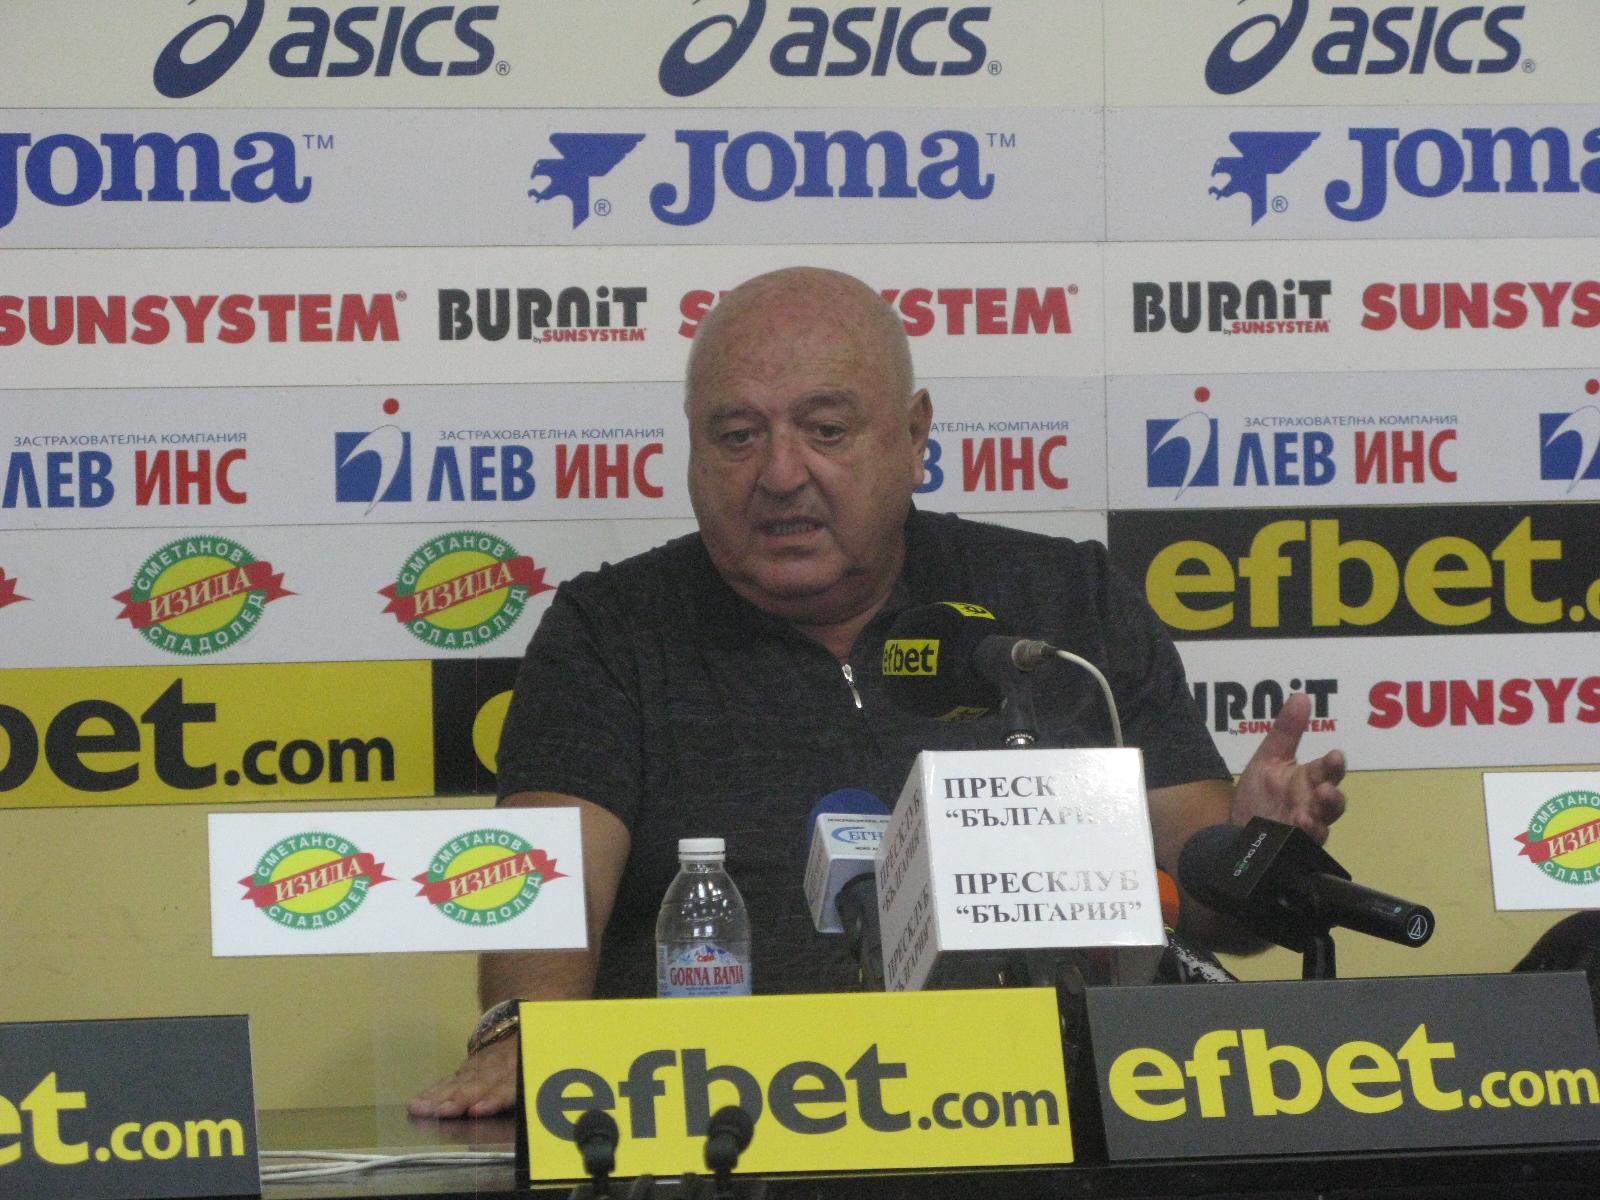 """Венцеслав Стефанов: """"Трябва да излезем от тази дупка, в която сме в момента. Това може да се случи, само ако всички се стараем да го направим"""""""